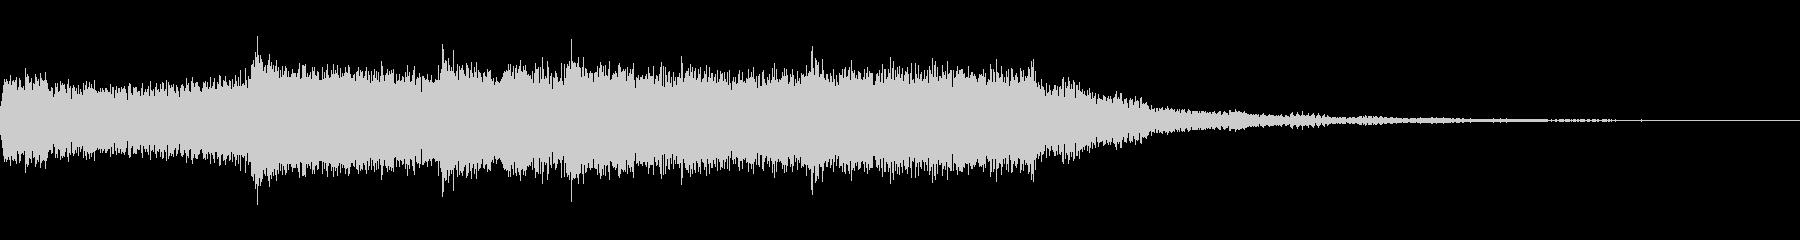 ファンファーレとのグリップ不吉なコードの未再生の波形